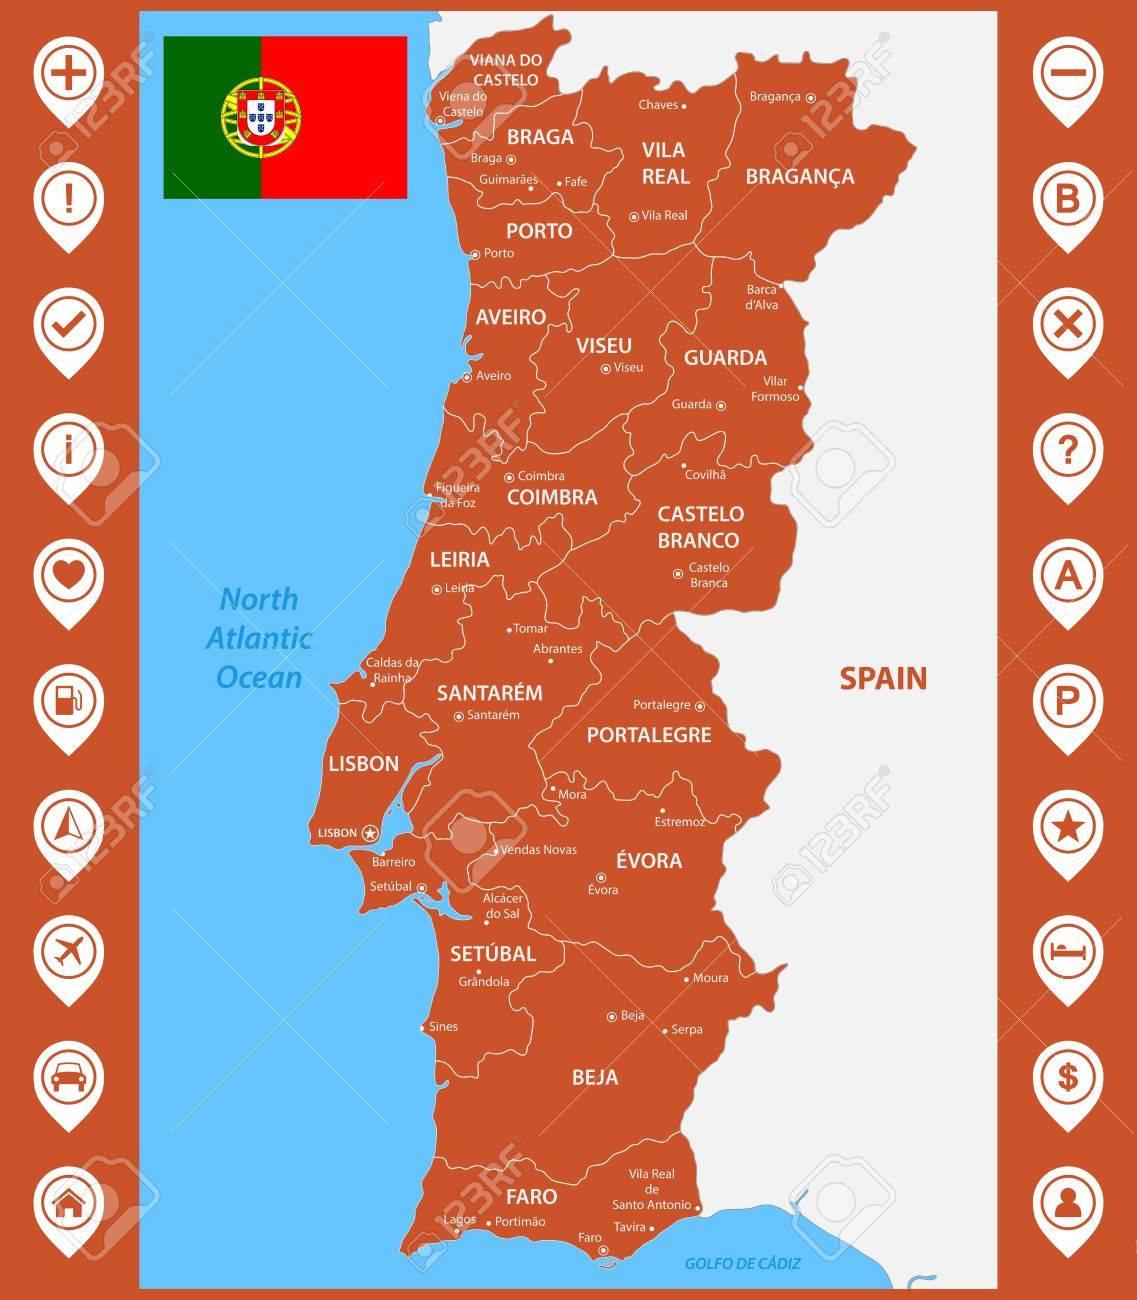 Cartina Dettagliata Del Portogallo.Vettoriale La Mappa Dettagliata Del Portogallo Con Regioni O Stati E Citta Capitali Con Pin O Puntatori Di Mappa Image 84214540